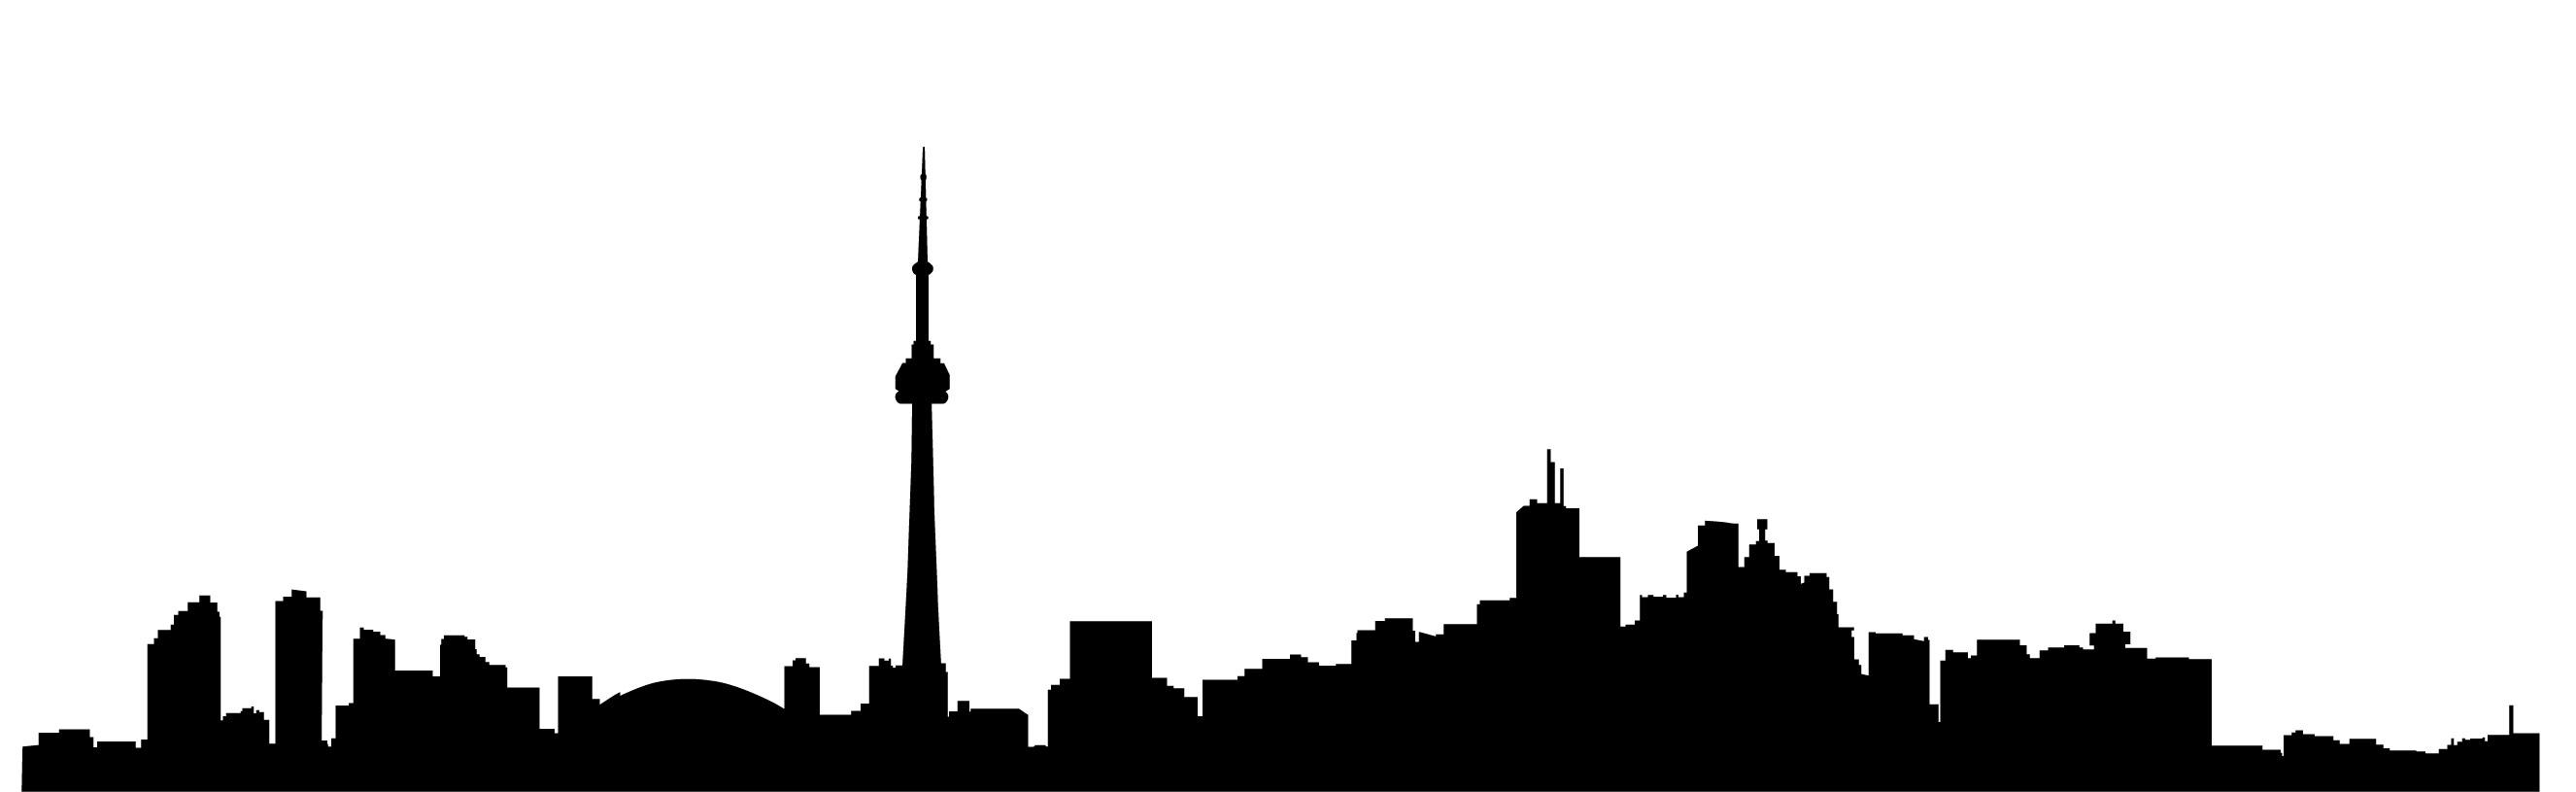 2652x815 Toronto Skyline Silhouette Simple